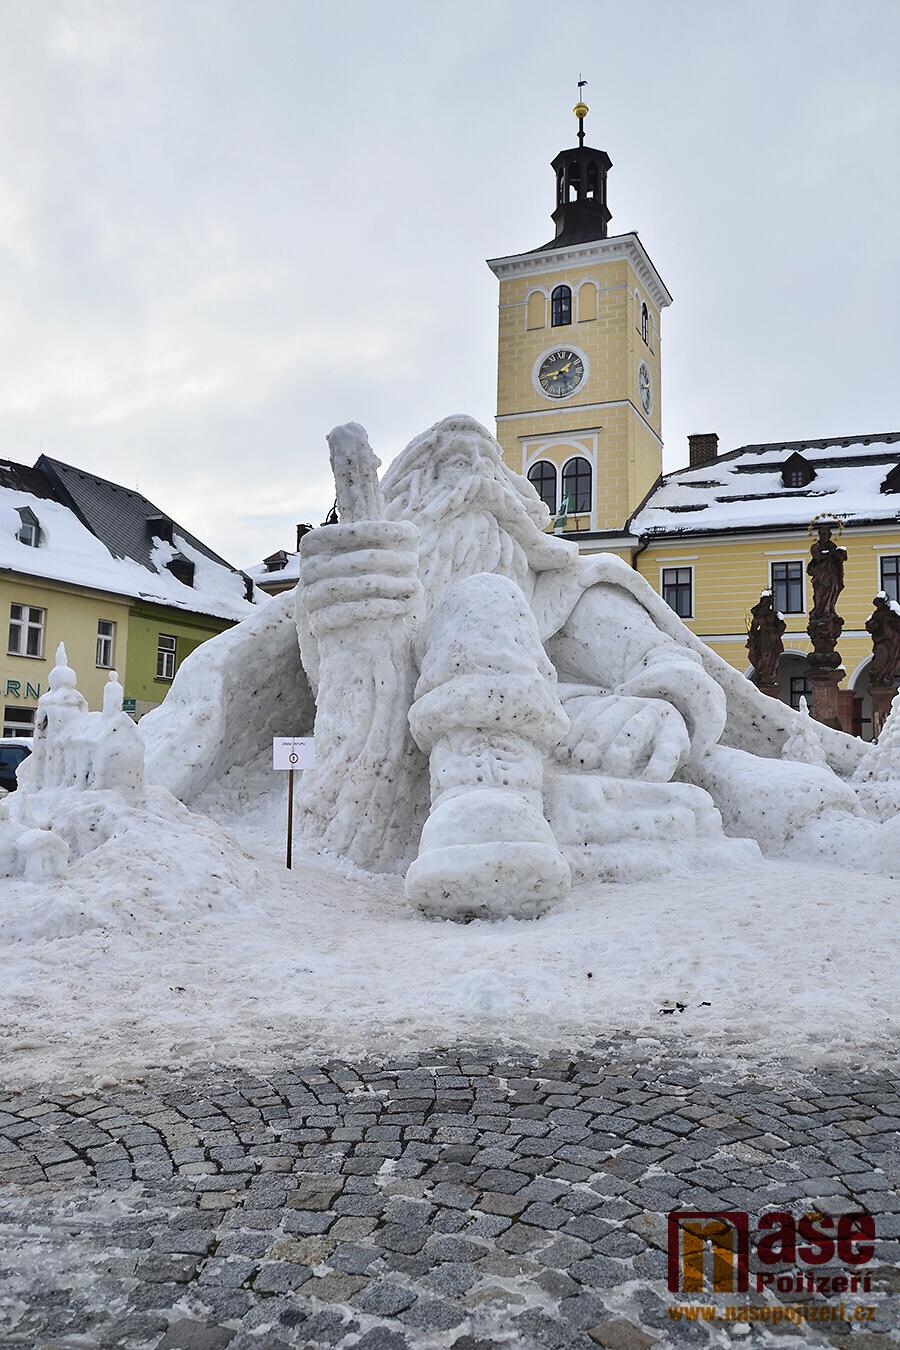 Dokončená sněhová socha Krakonoše na jilemnickém náměstí<br />Autor: Vratislav Pospíchal